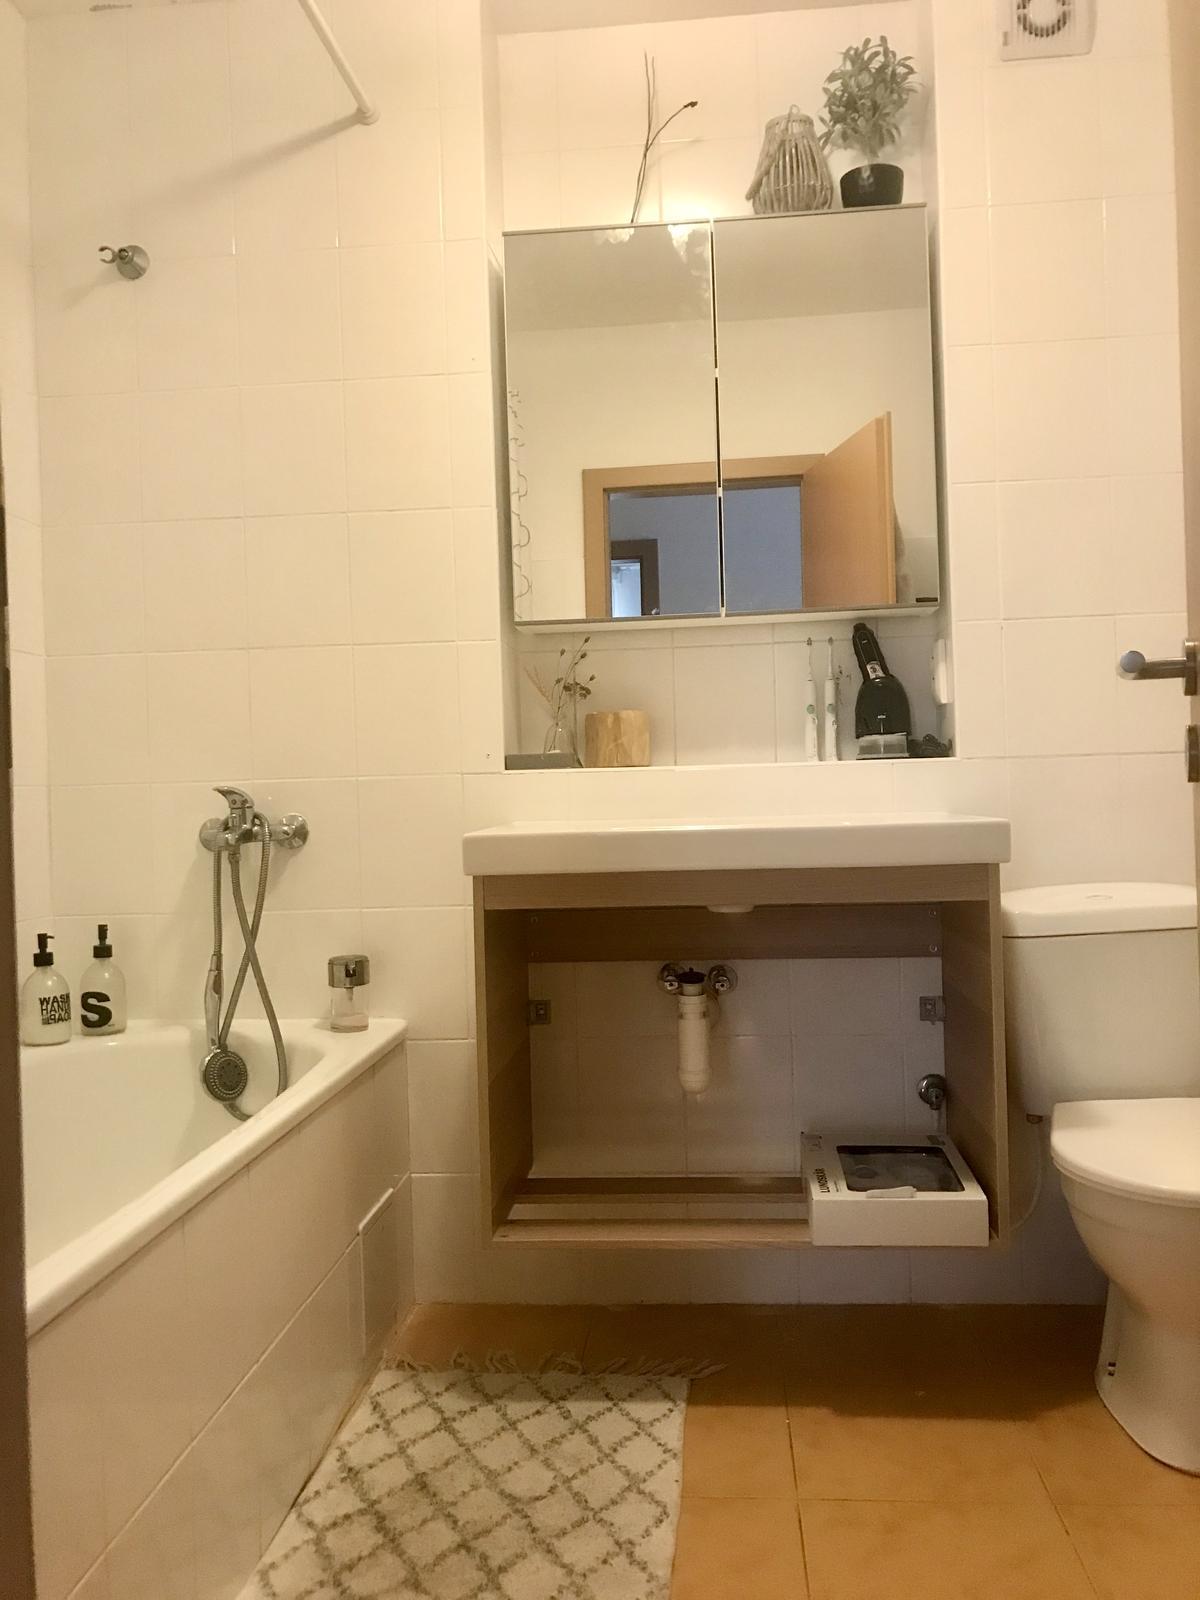 Z příšerné koupelny tvořím trochu lepší 💪 - Obrázek č. 22